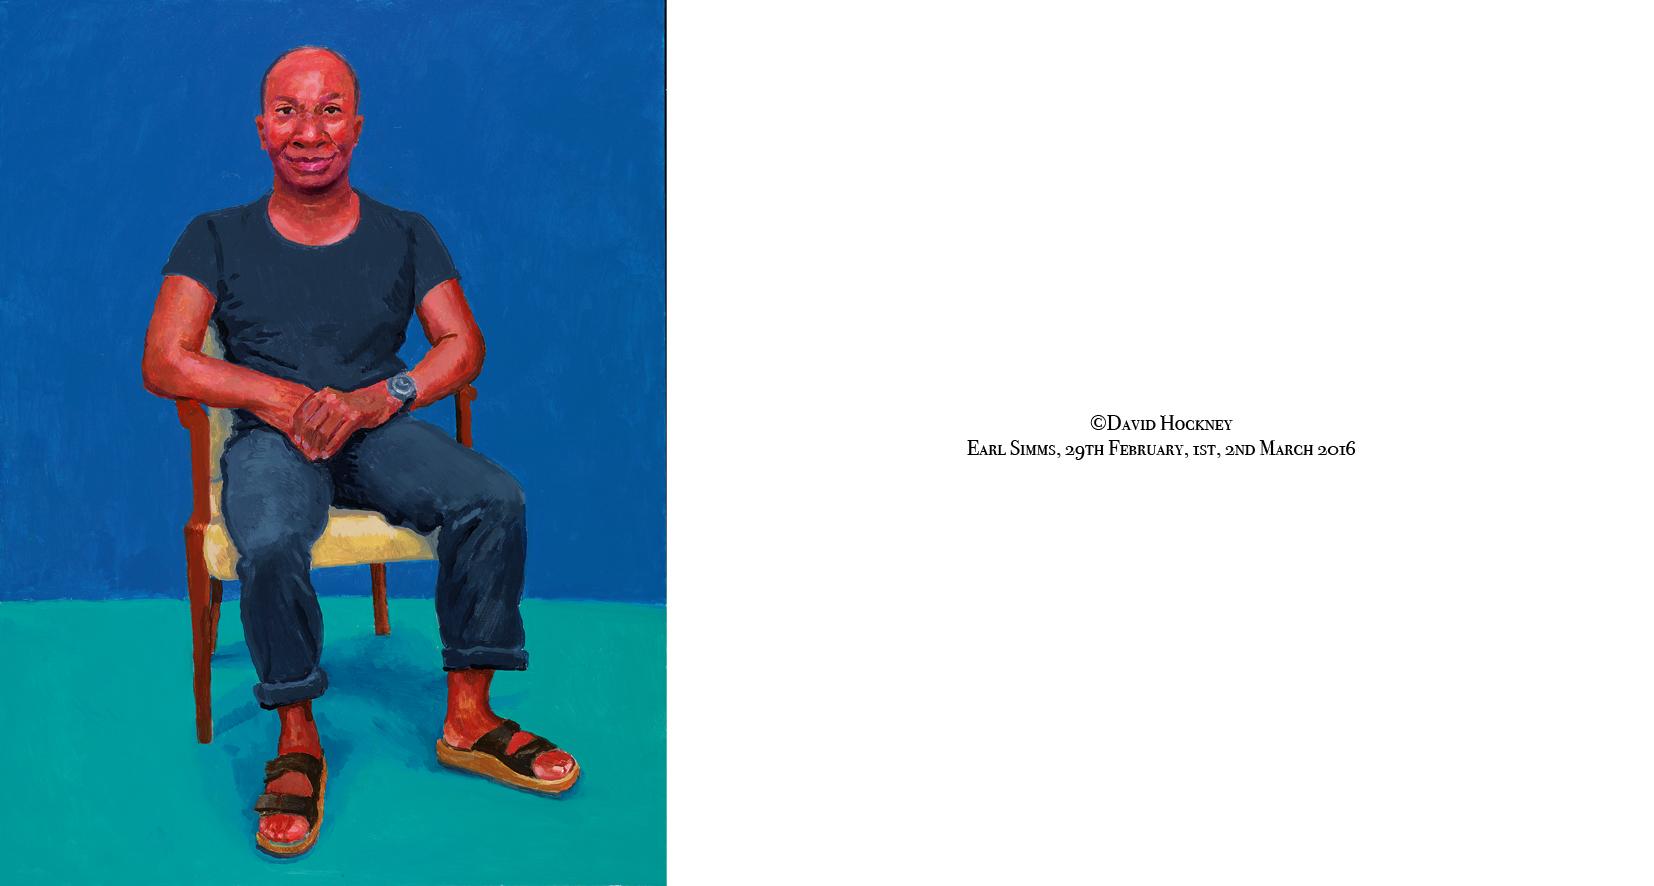 David-Hockney-06.jpg